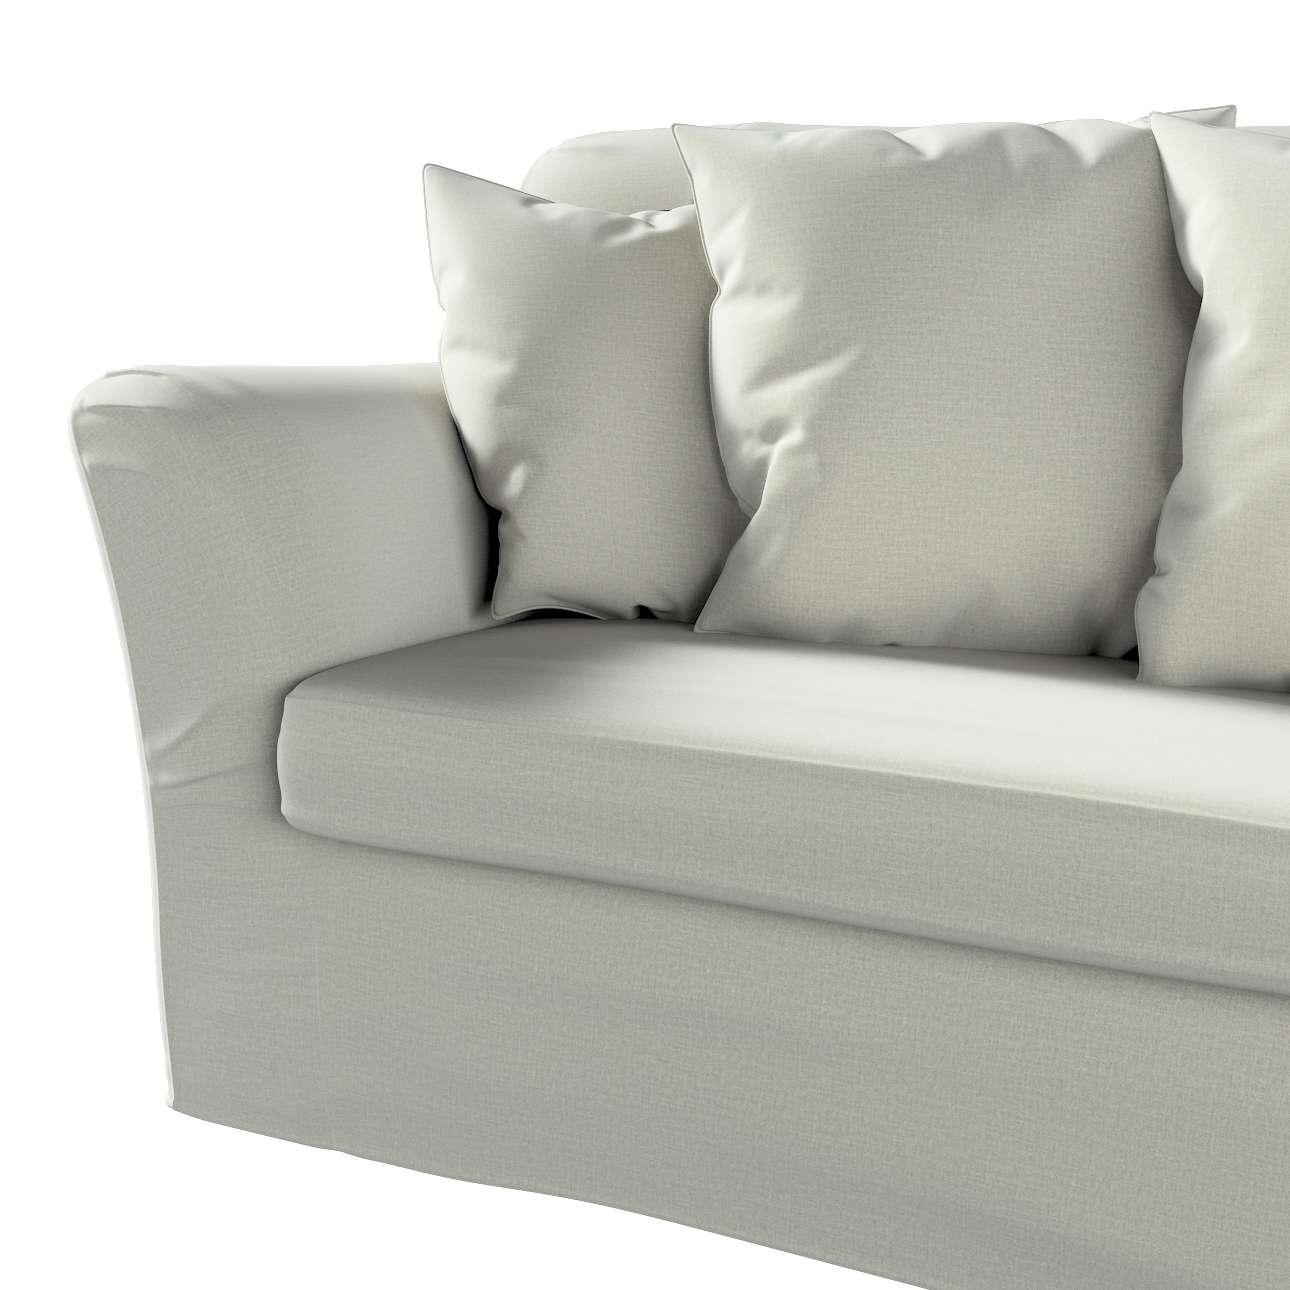 Pokrowiec na sofę Tomelilla 3-osobową rozkładaną w kolekcji Ingrid, tkanina: 705-41